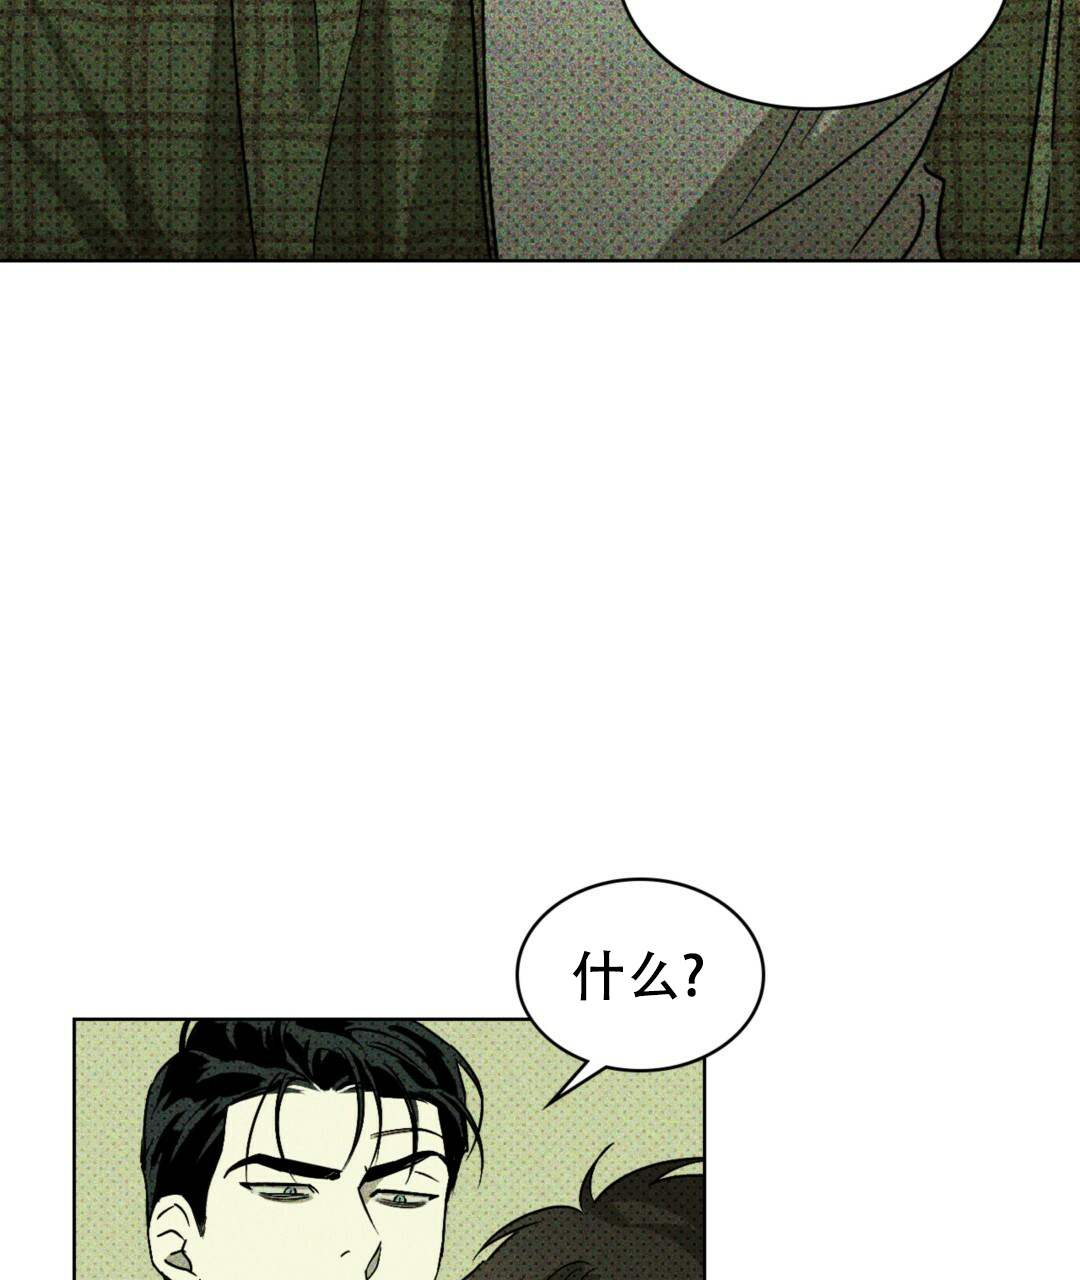 韩漫  《绿色镌像》这男人竟该死的甜美~纯情男大学生x黑帮大佬  第9张